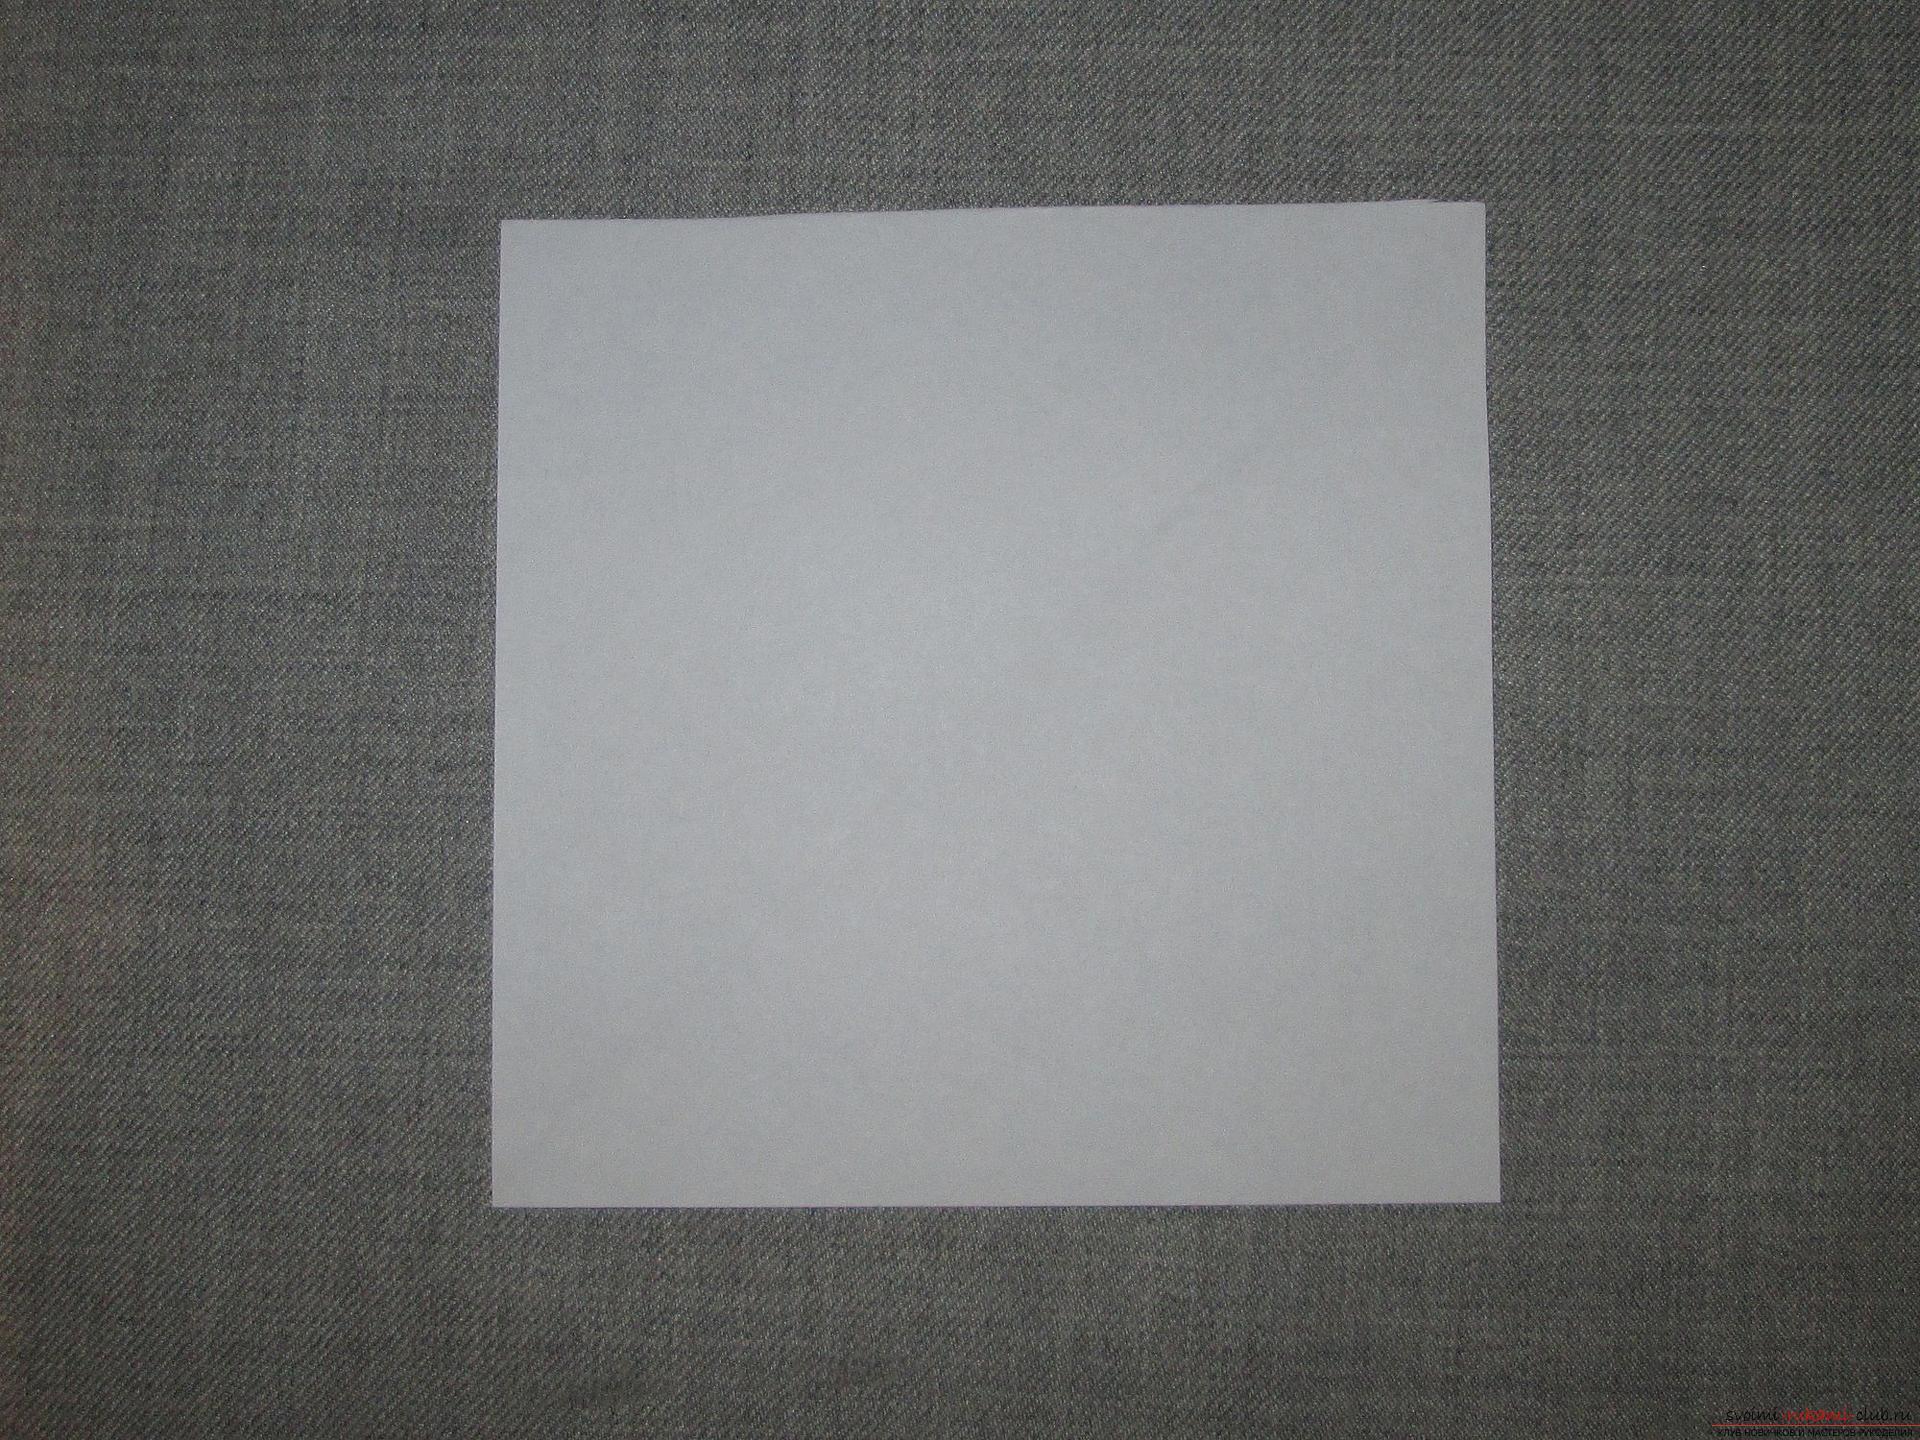 голубь бумага схема